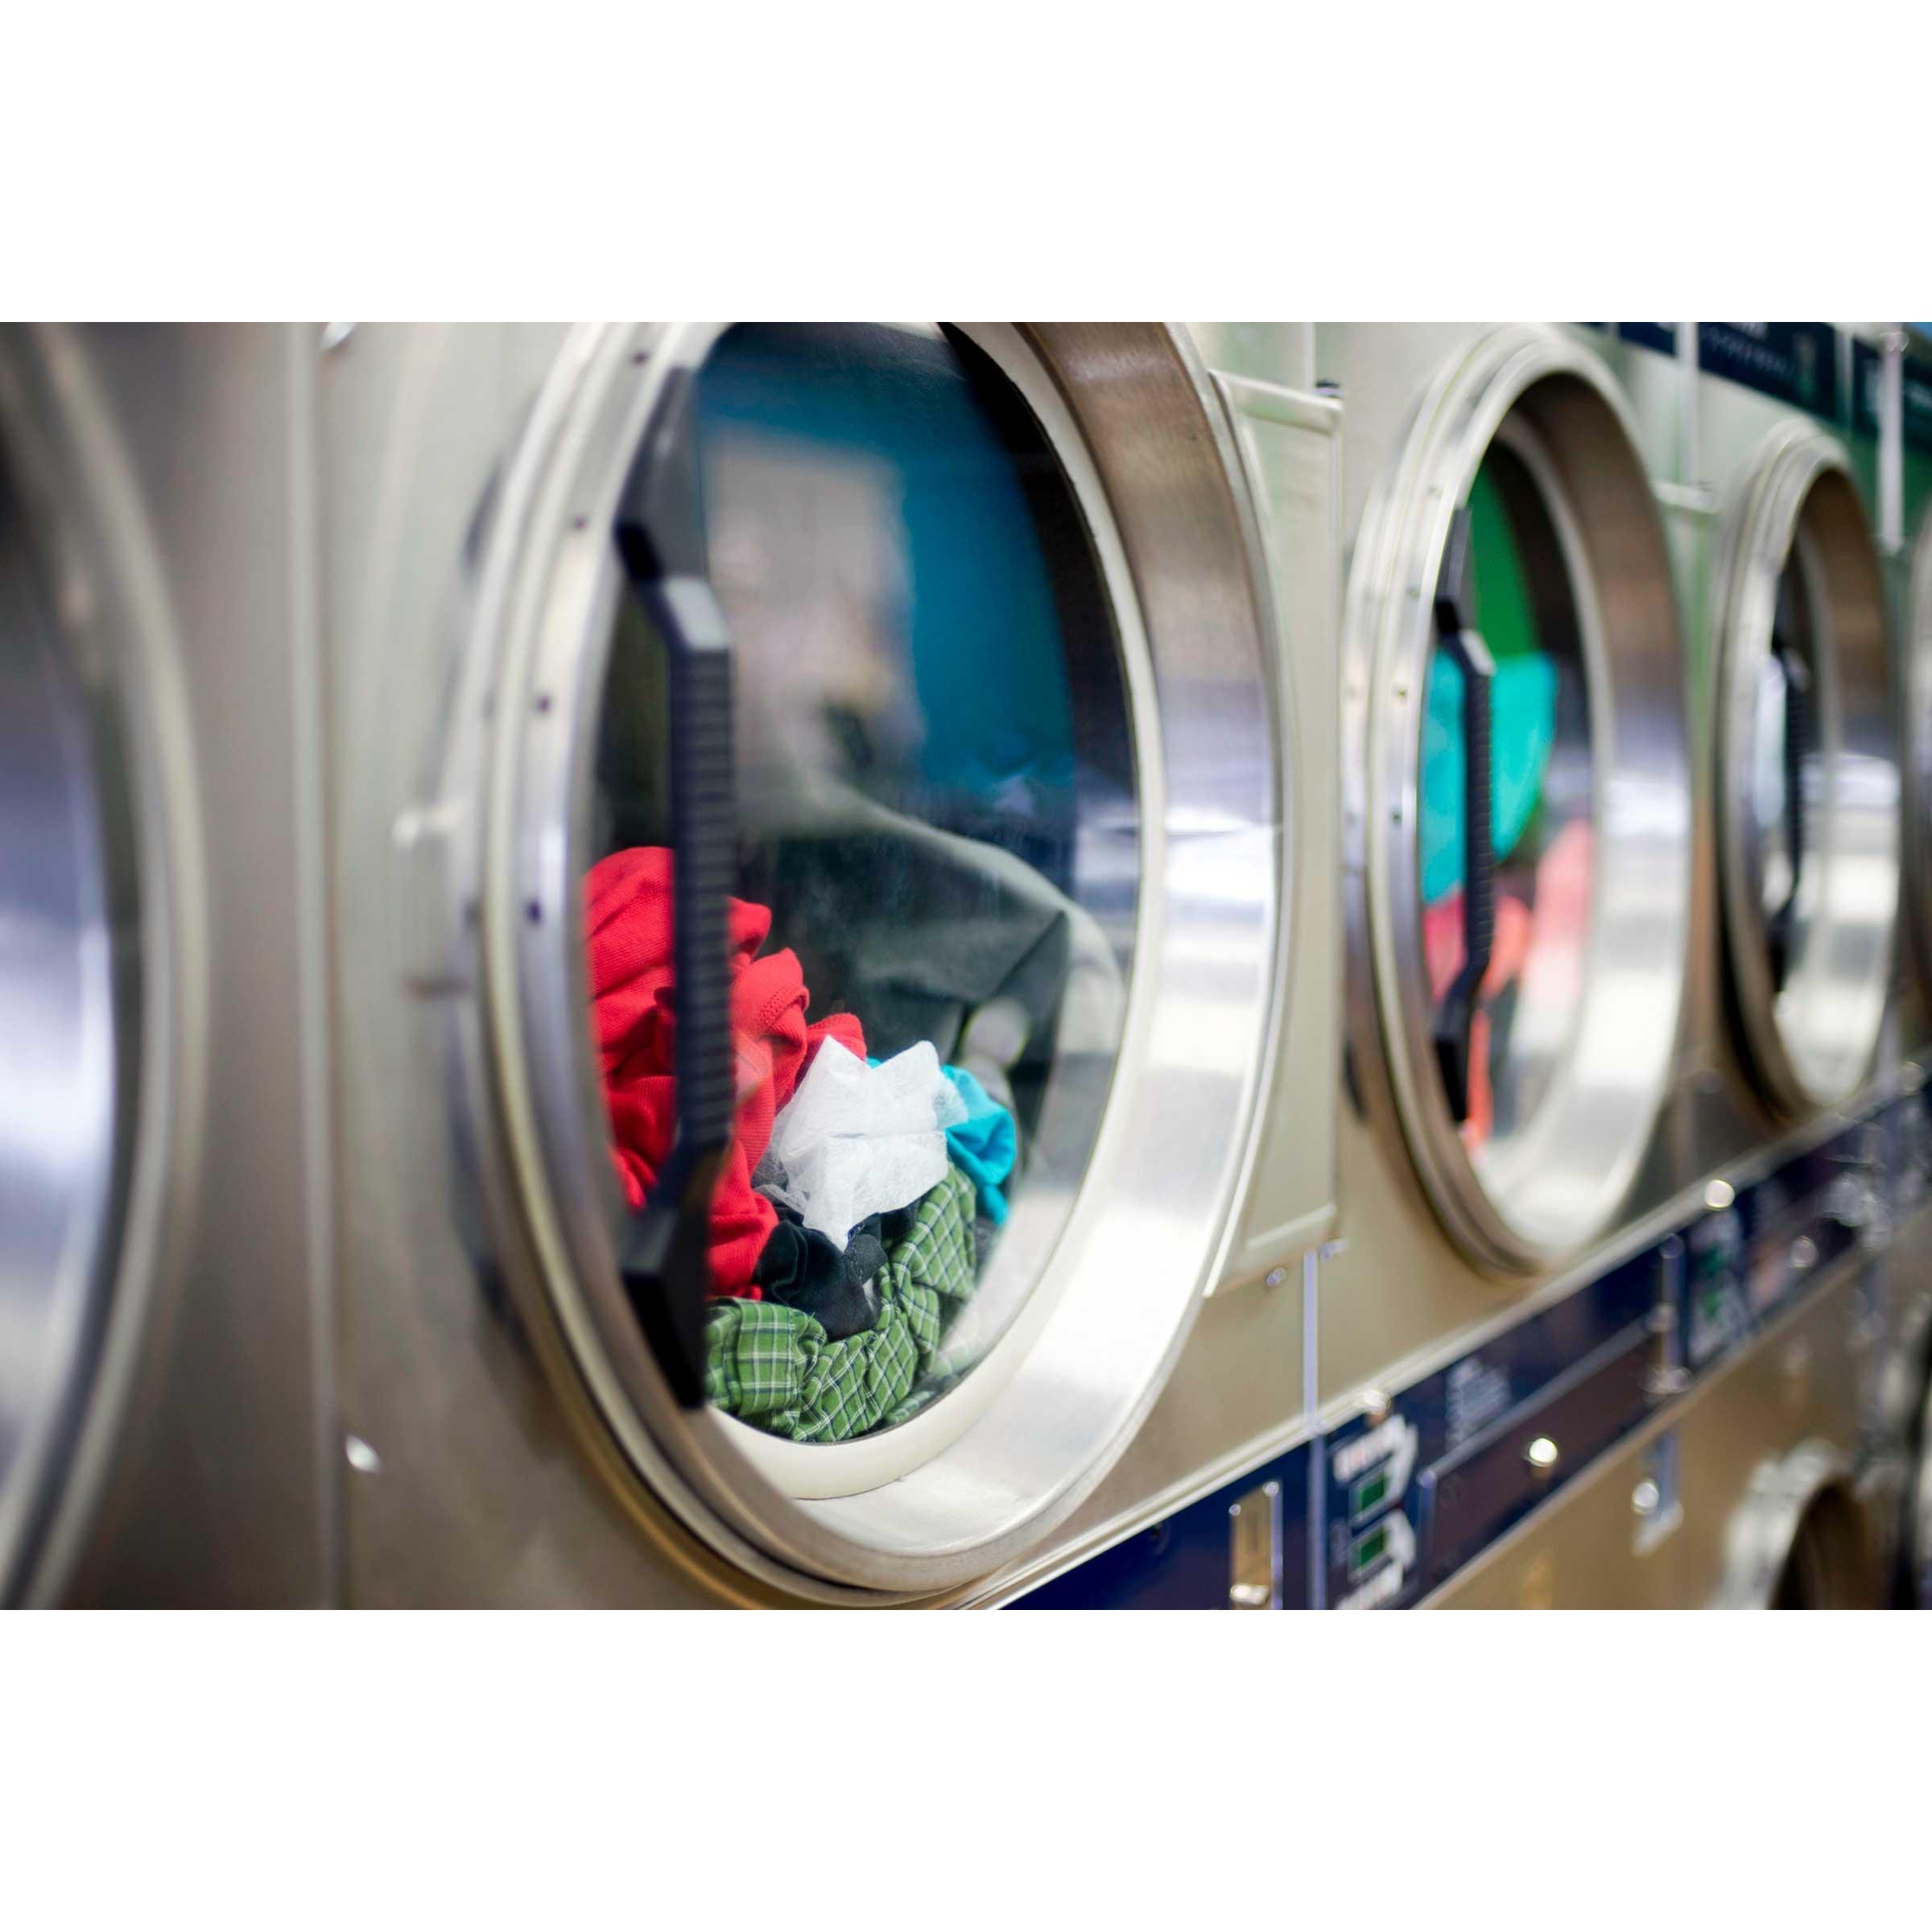 Sun Valley Laundromat